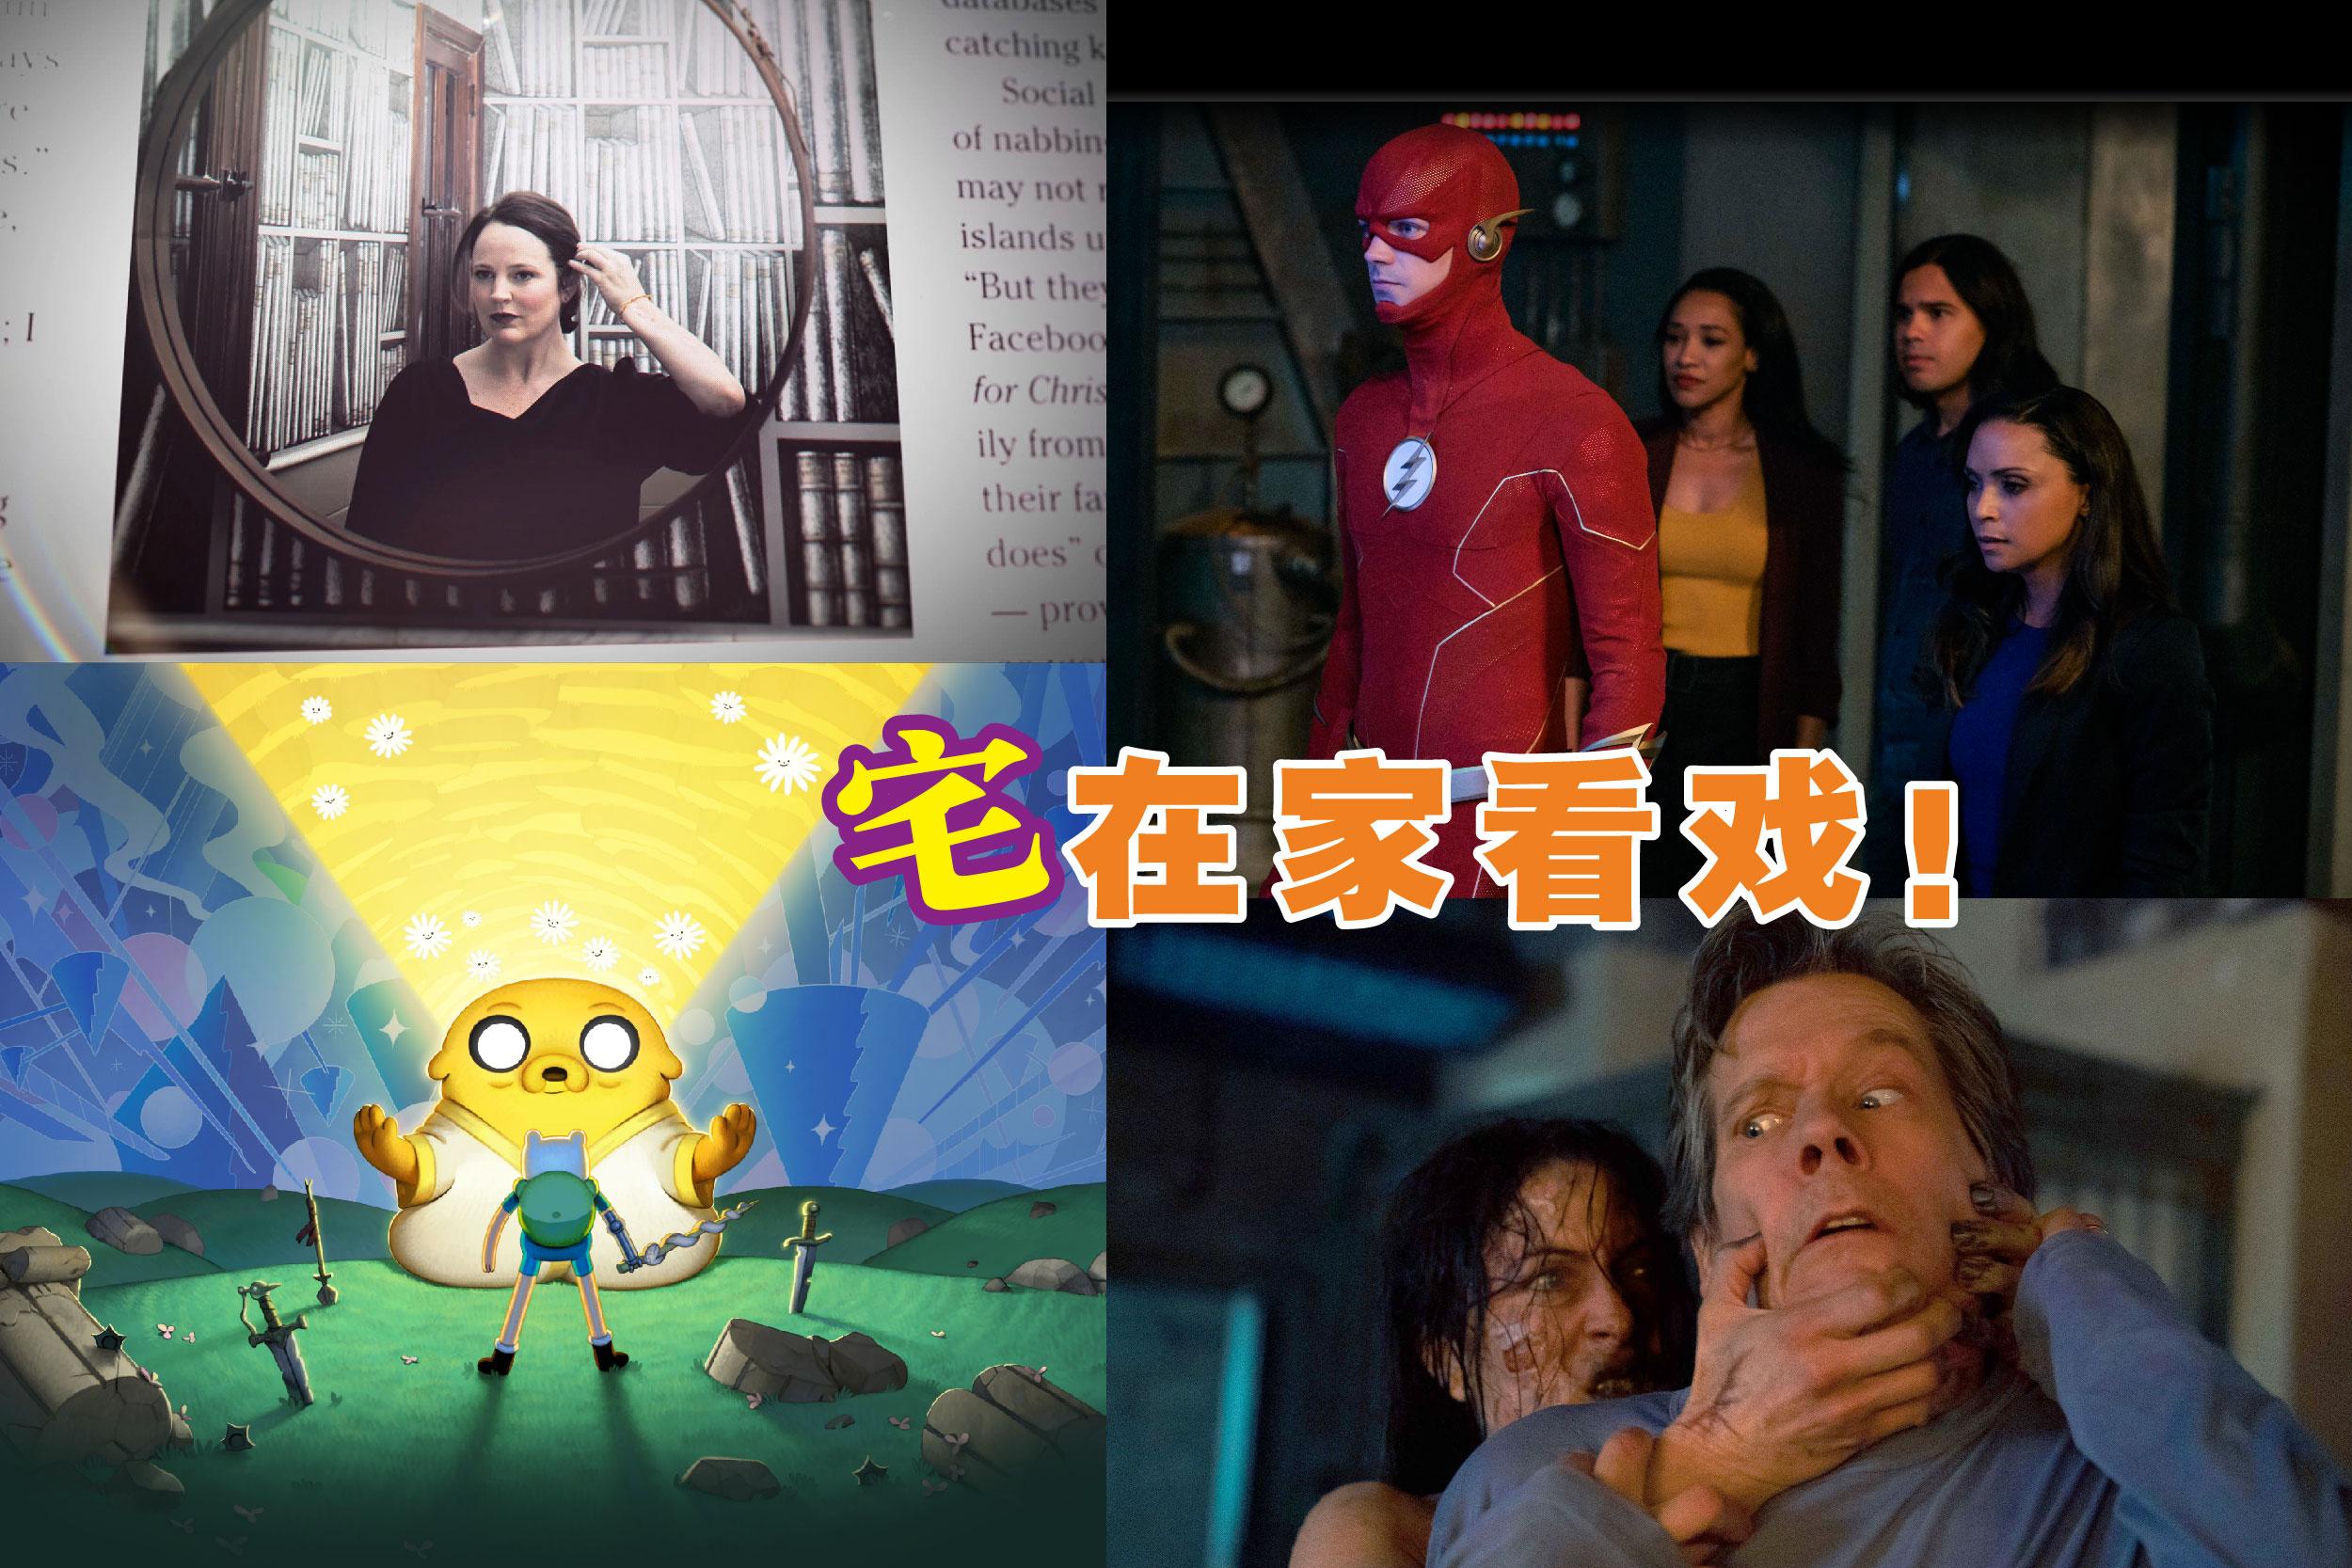 华纳传媒六月将为大家带来一系列精彩电影和连续剧!-图由华纳传媒提供/精彩大马制图-